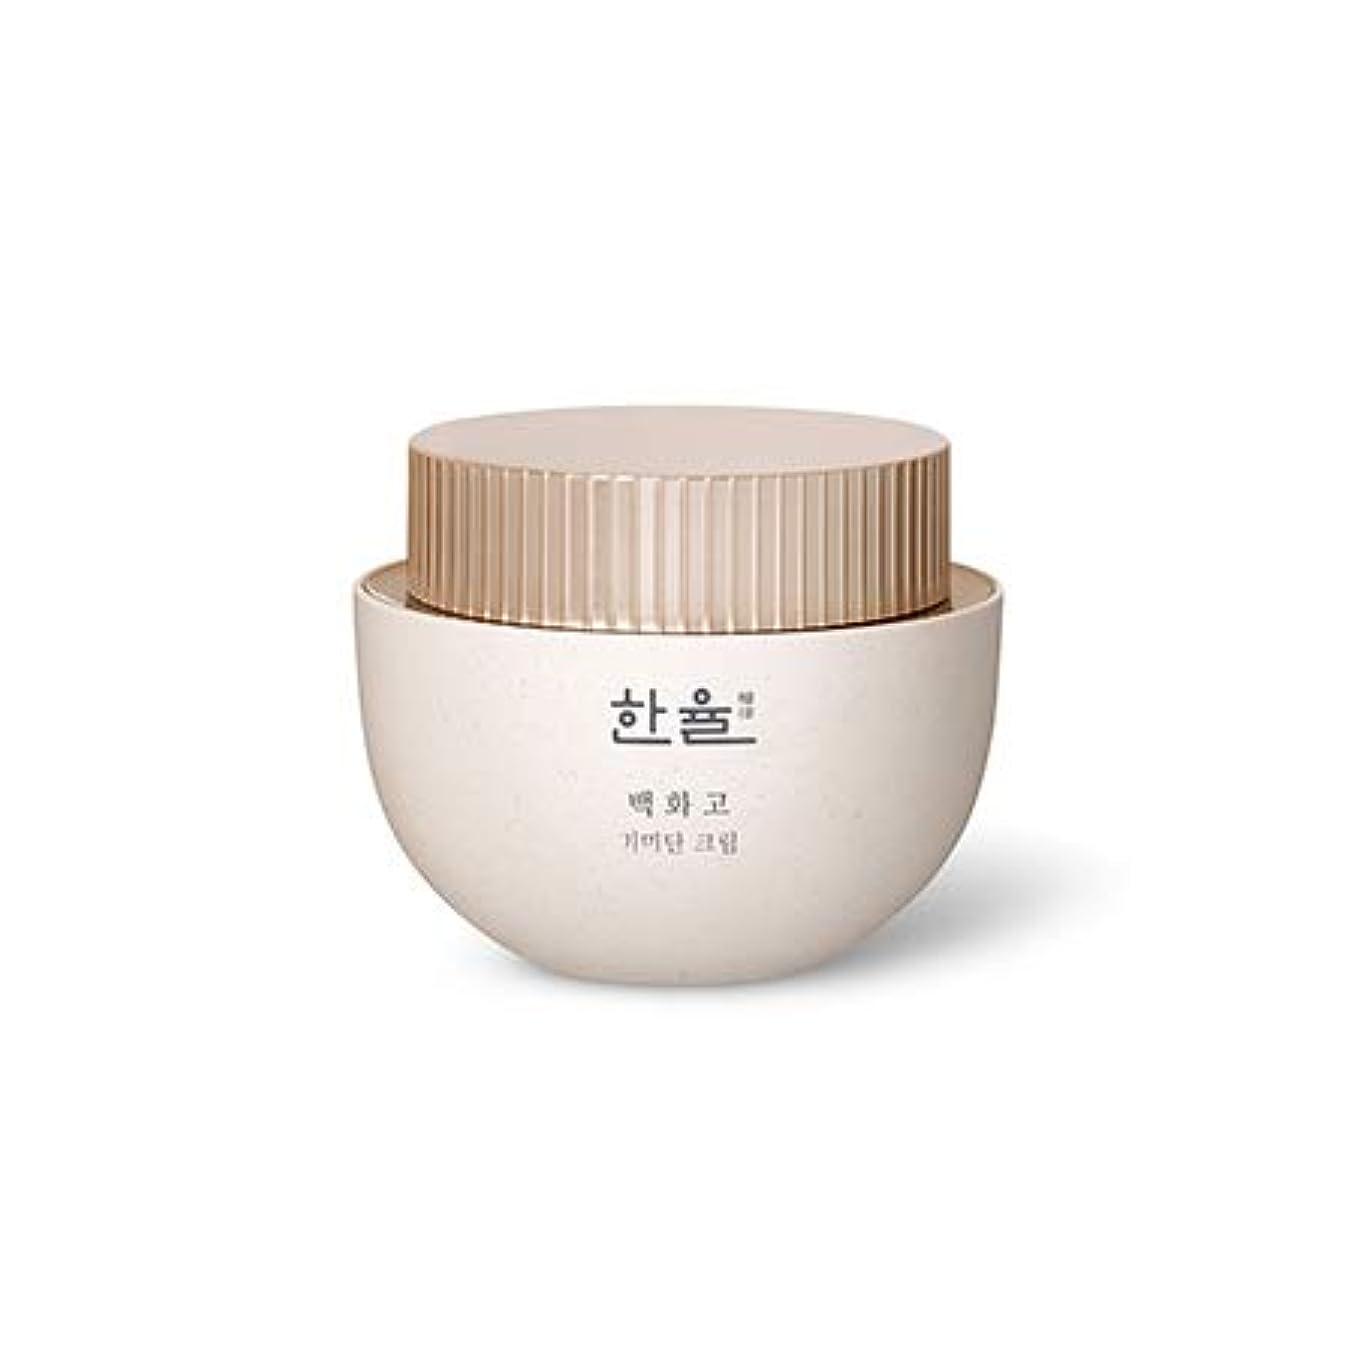 短くするアジテーション組み合わせる[ハンユル.HANYUL]ベクファゴシミ段クリームHanyul Baek Hwa Goh Anti-Aging Cream(シミ、くすみなどの老化の兆候をケア)